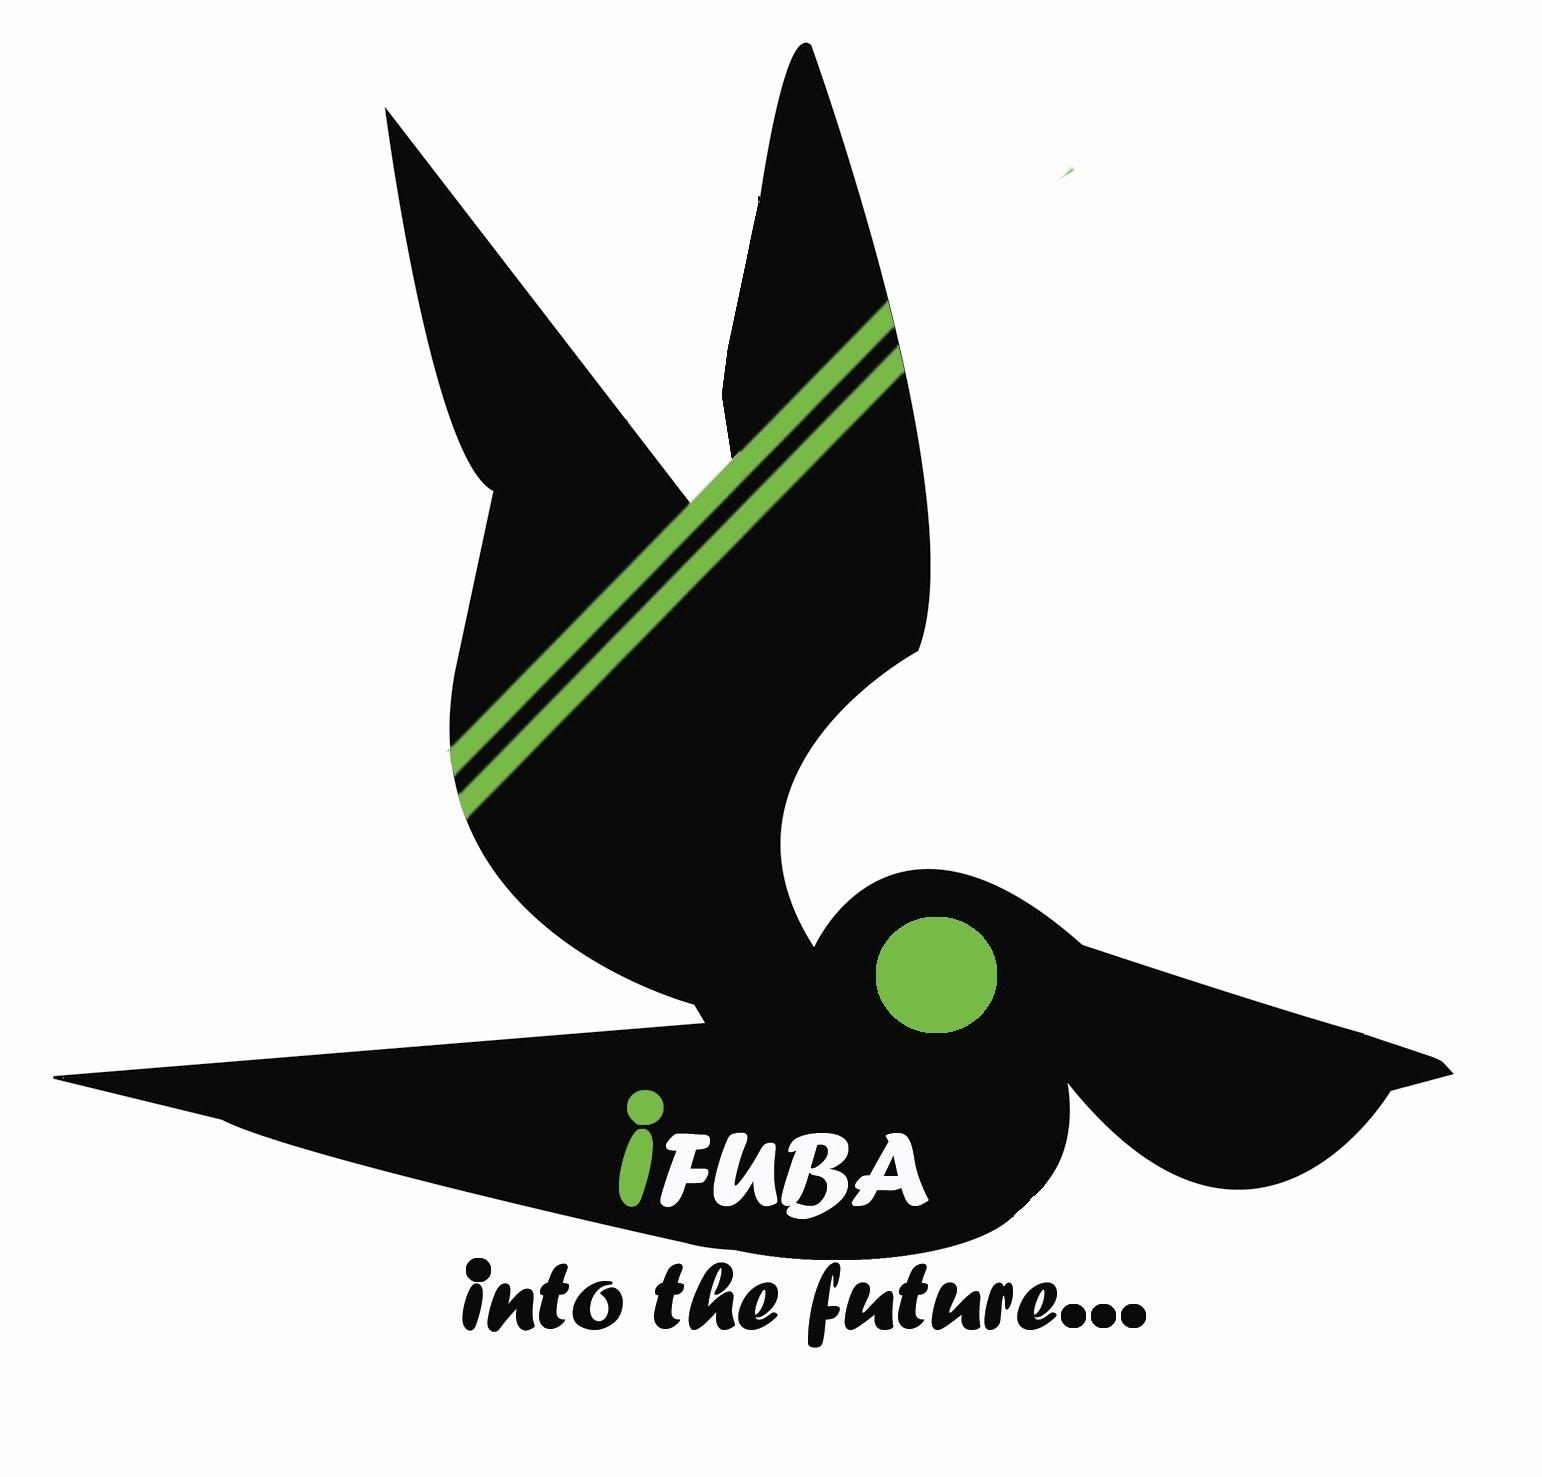 ifuba logo